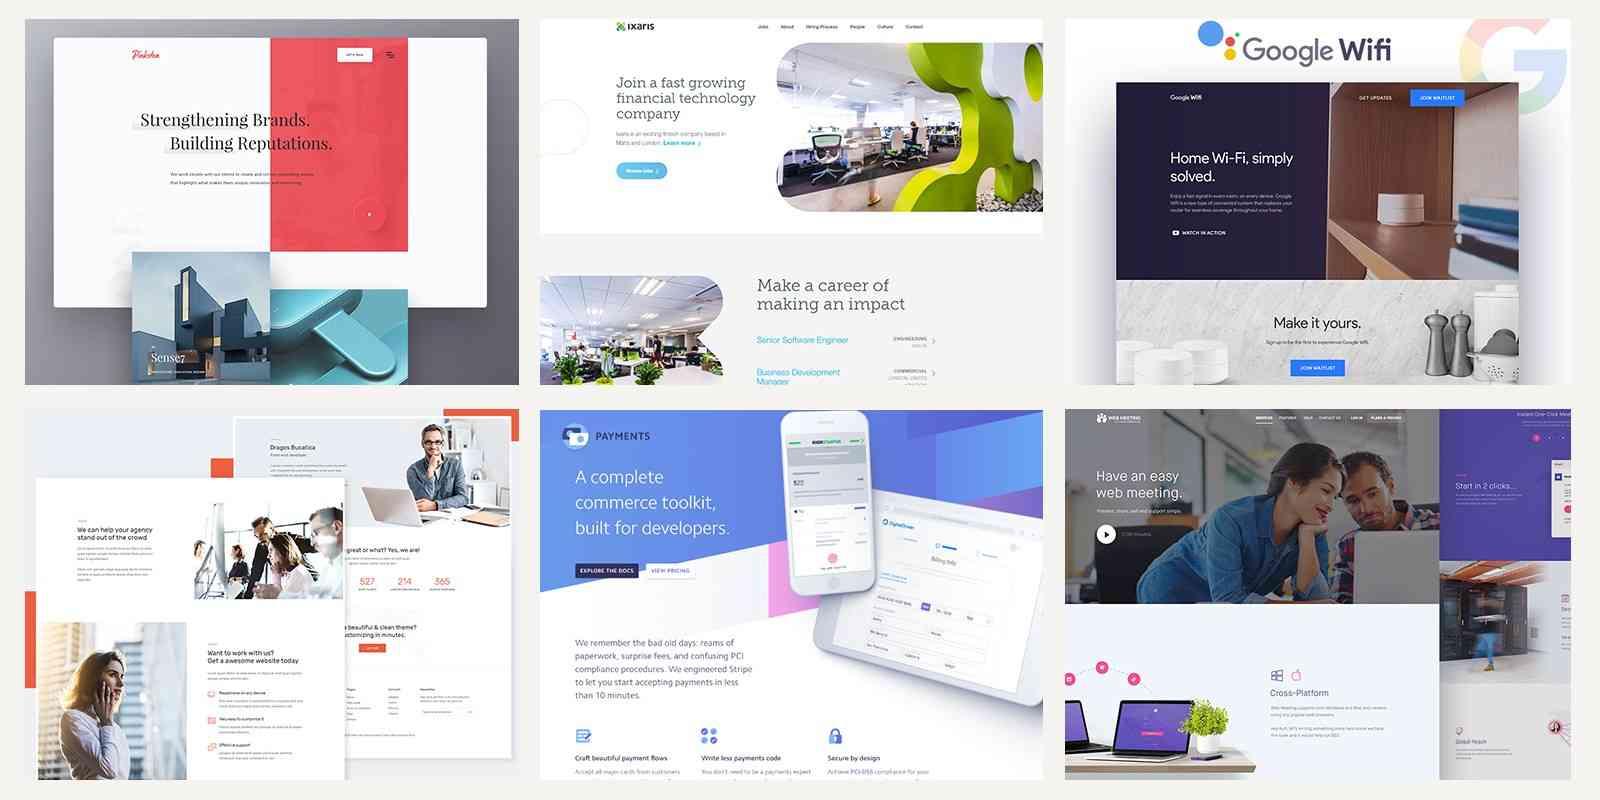 طراحی وب سایت شرکتی را از کجا شروع کنیم؟